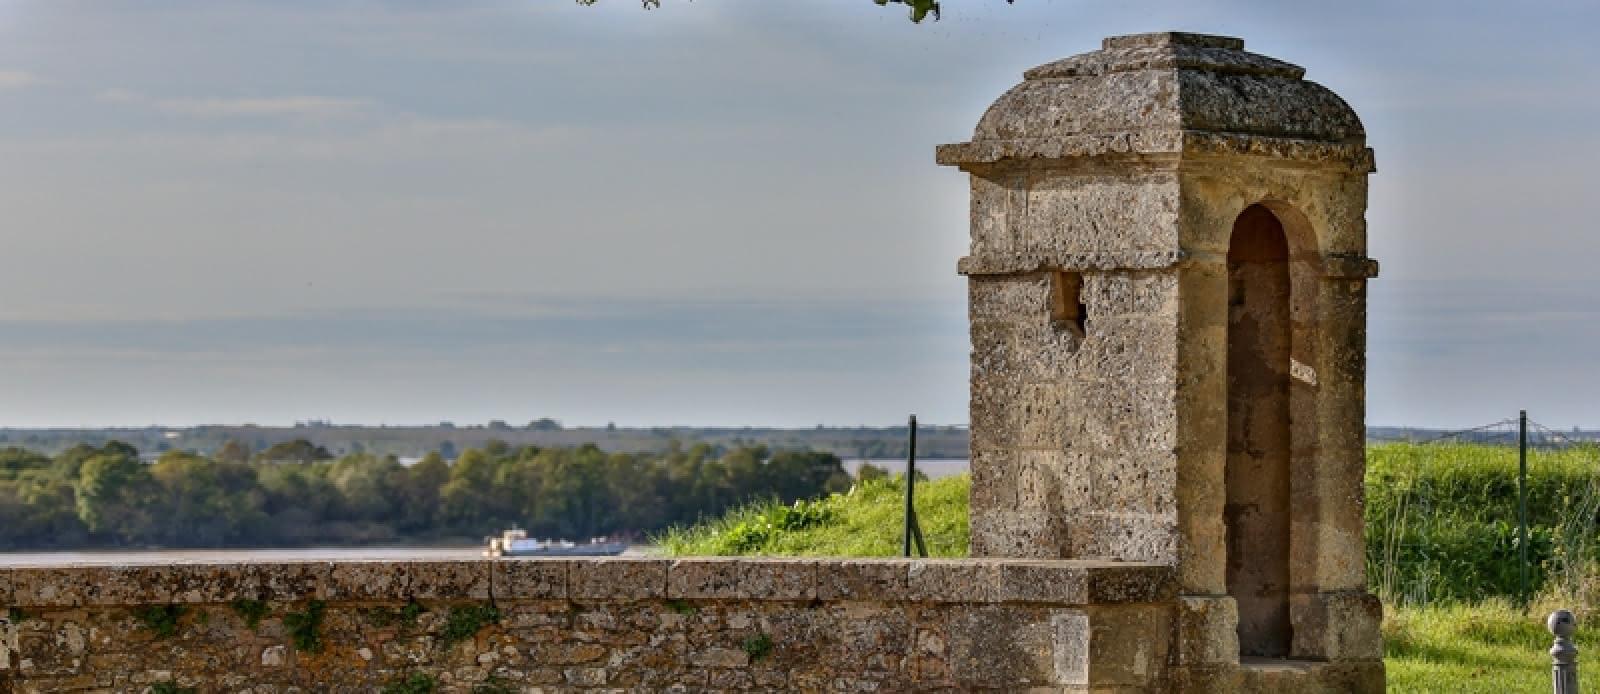 citadelle-Blaye-Unesco-place-d-armes-800x600---credit-Blaye-tourisme-Steve-Le-Clech